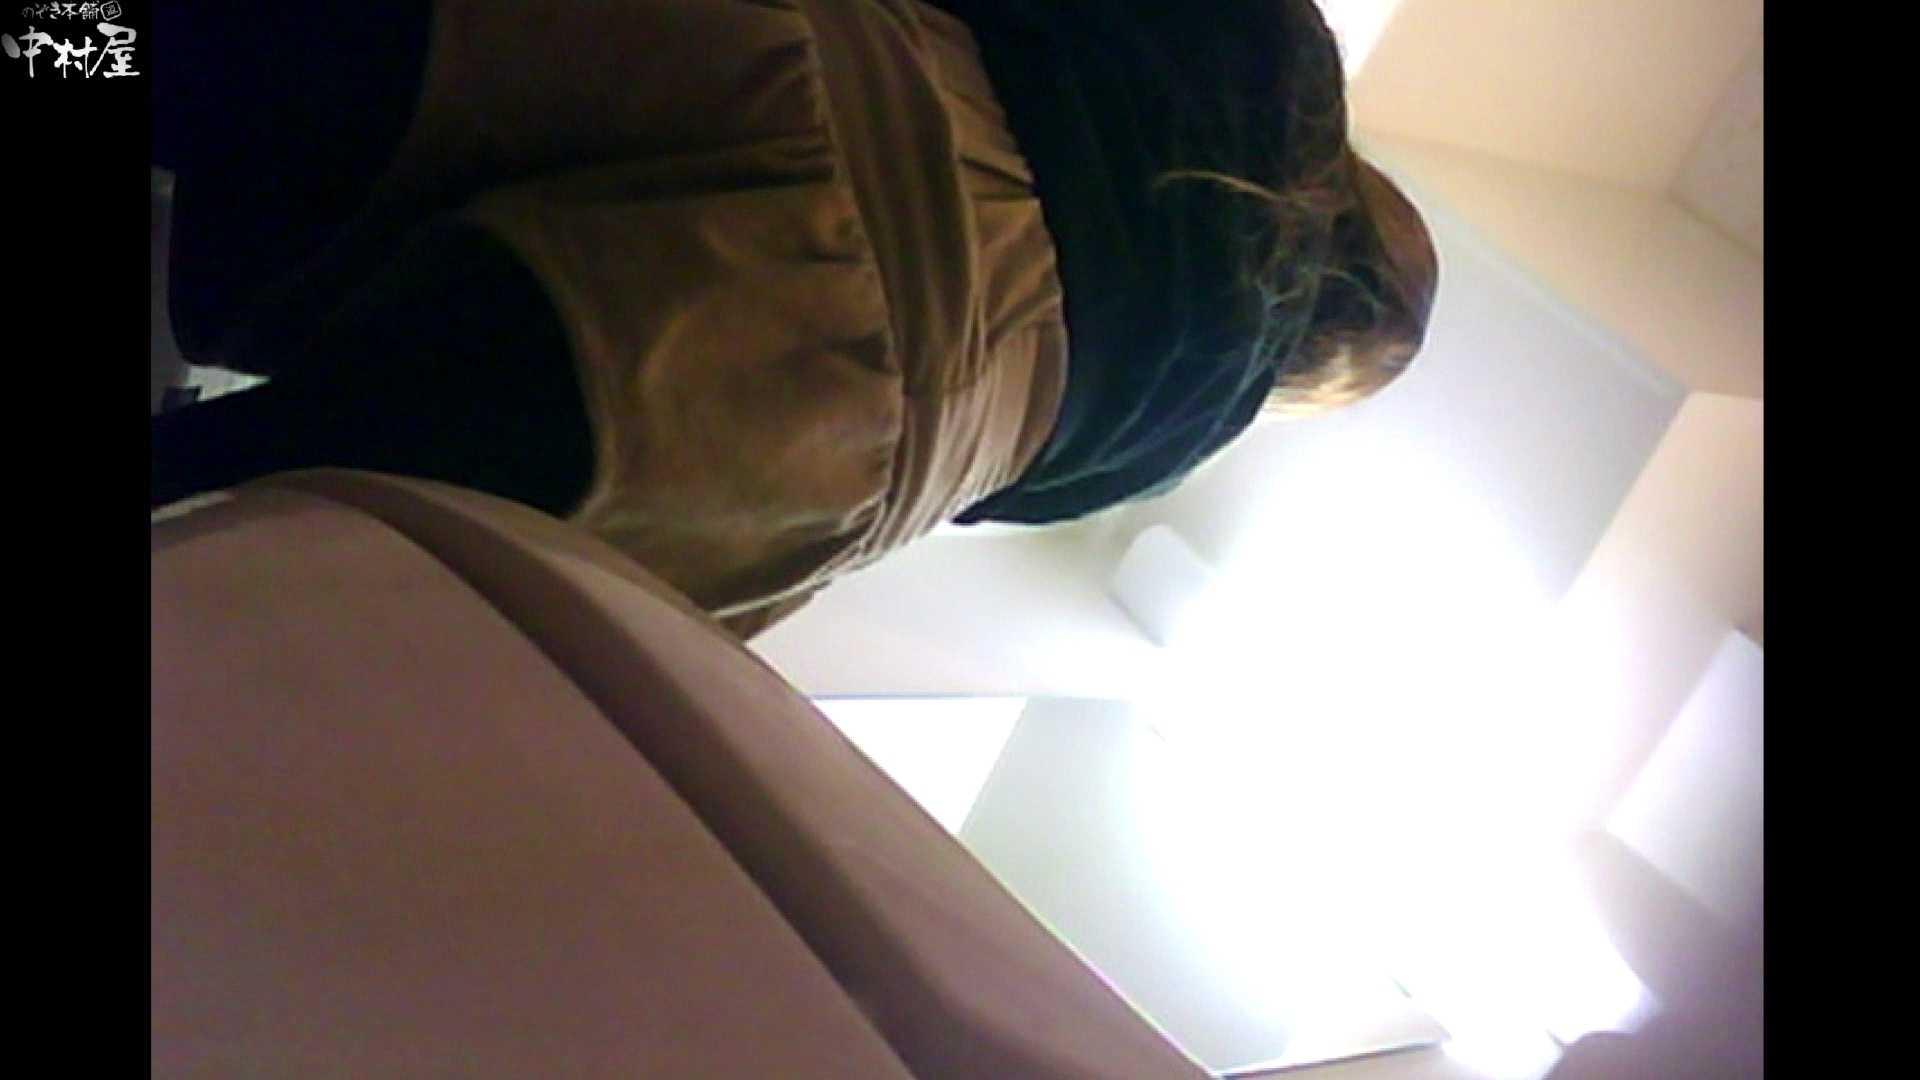 三つ目で盗撮 vol.45 マンコ・ムレムレ アダルト動画キャプチャ 72pic 8